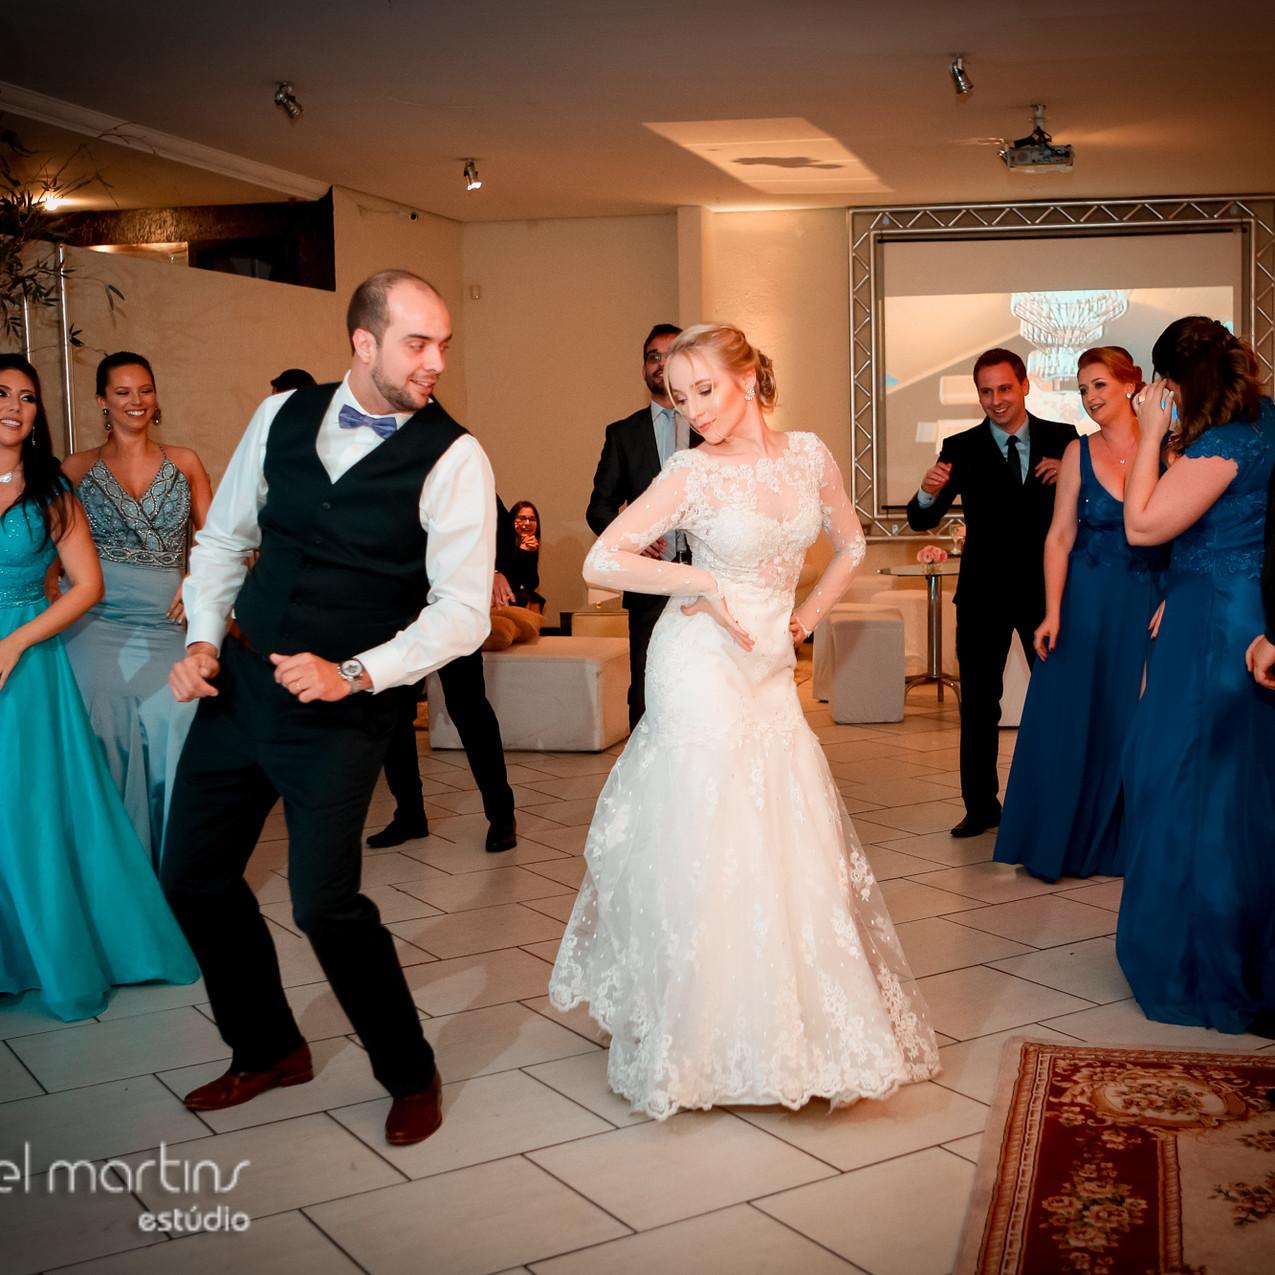 BeR-1203-fotografo-casamento-wedding-gotadagua-rustico-brunaeraul-boho-diy-portoalegre-daniel-martins